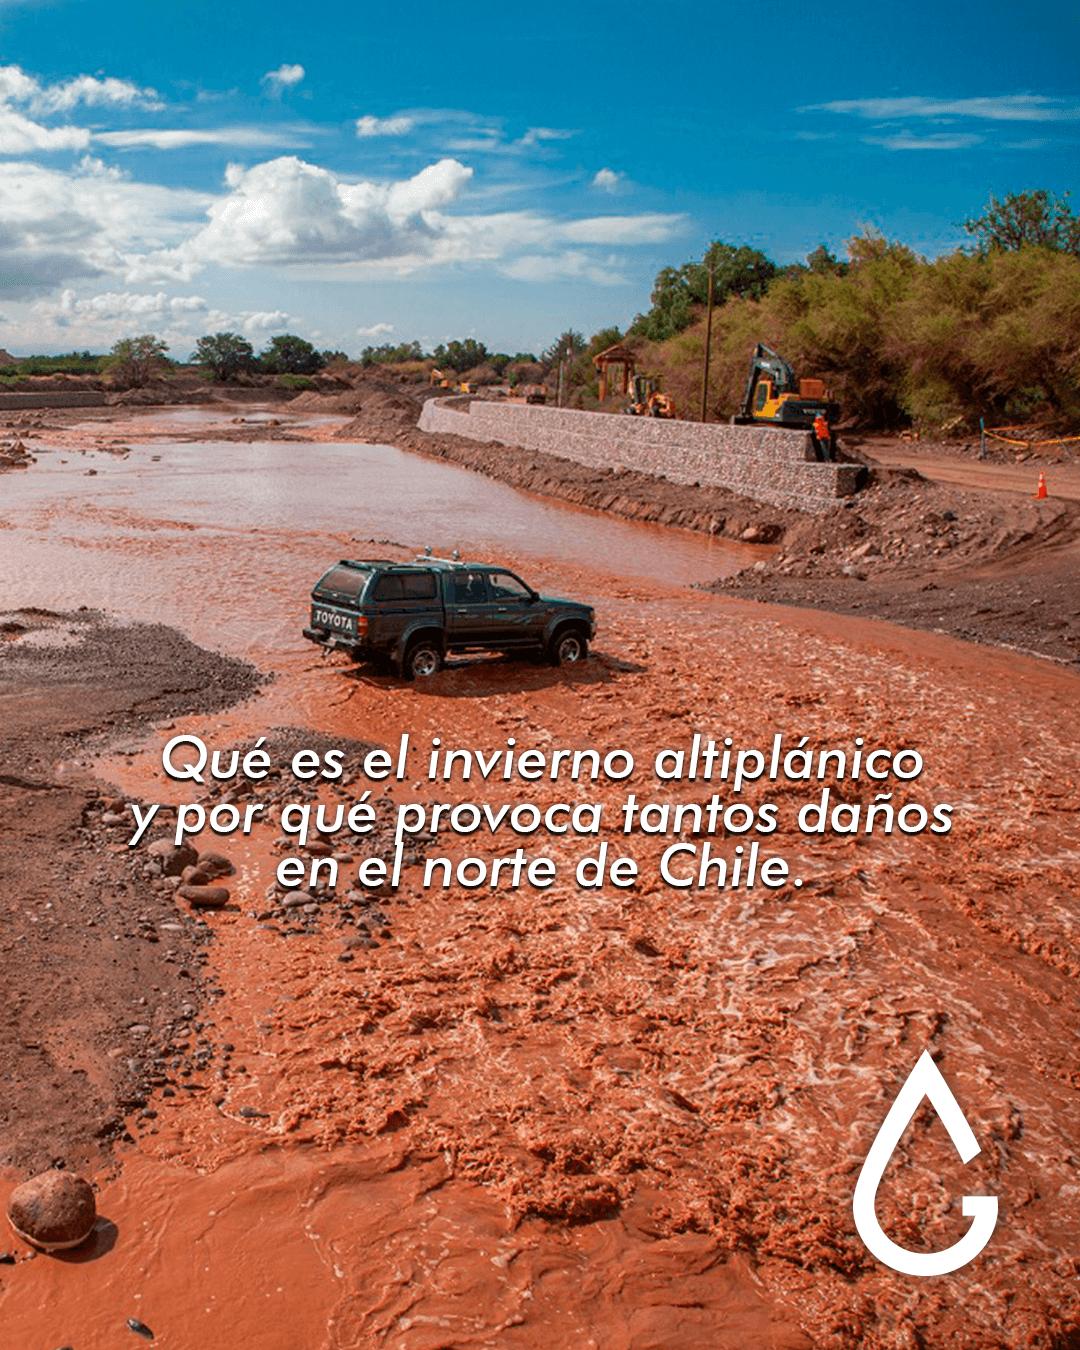 ¿Qué es el invierno altiplánico y por qué provoca tantos daños en el norte de Chile?